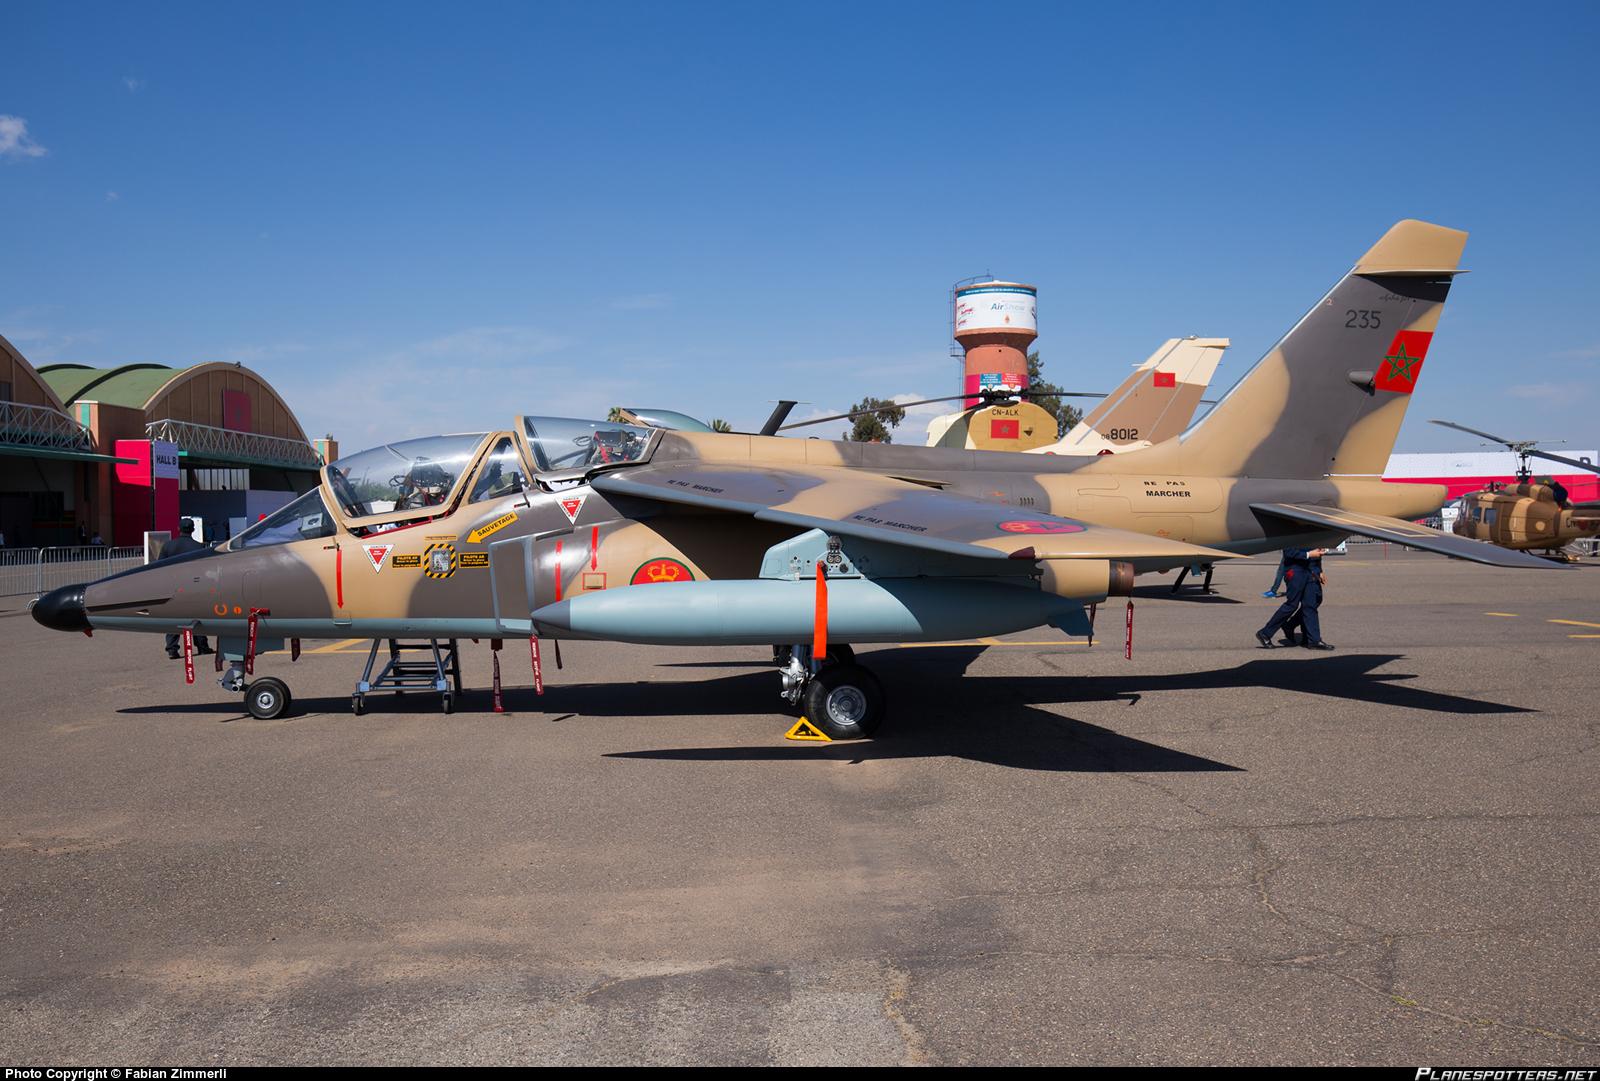 FRA: Photos avions d'entrainement et anti insurrection - Page 8 160516071004186011